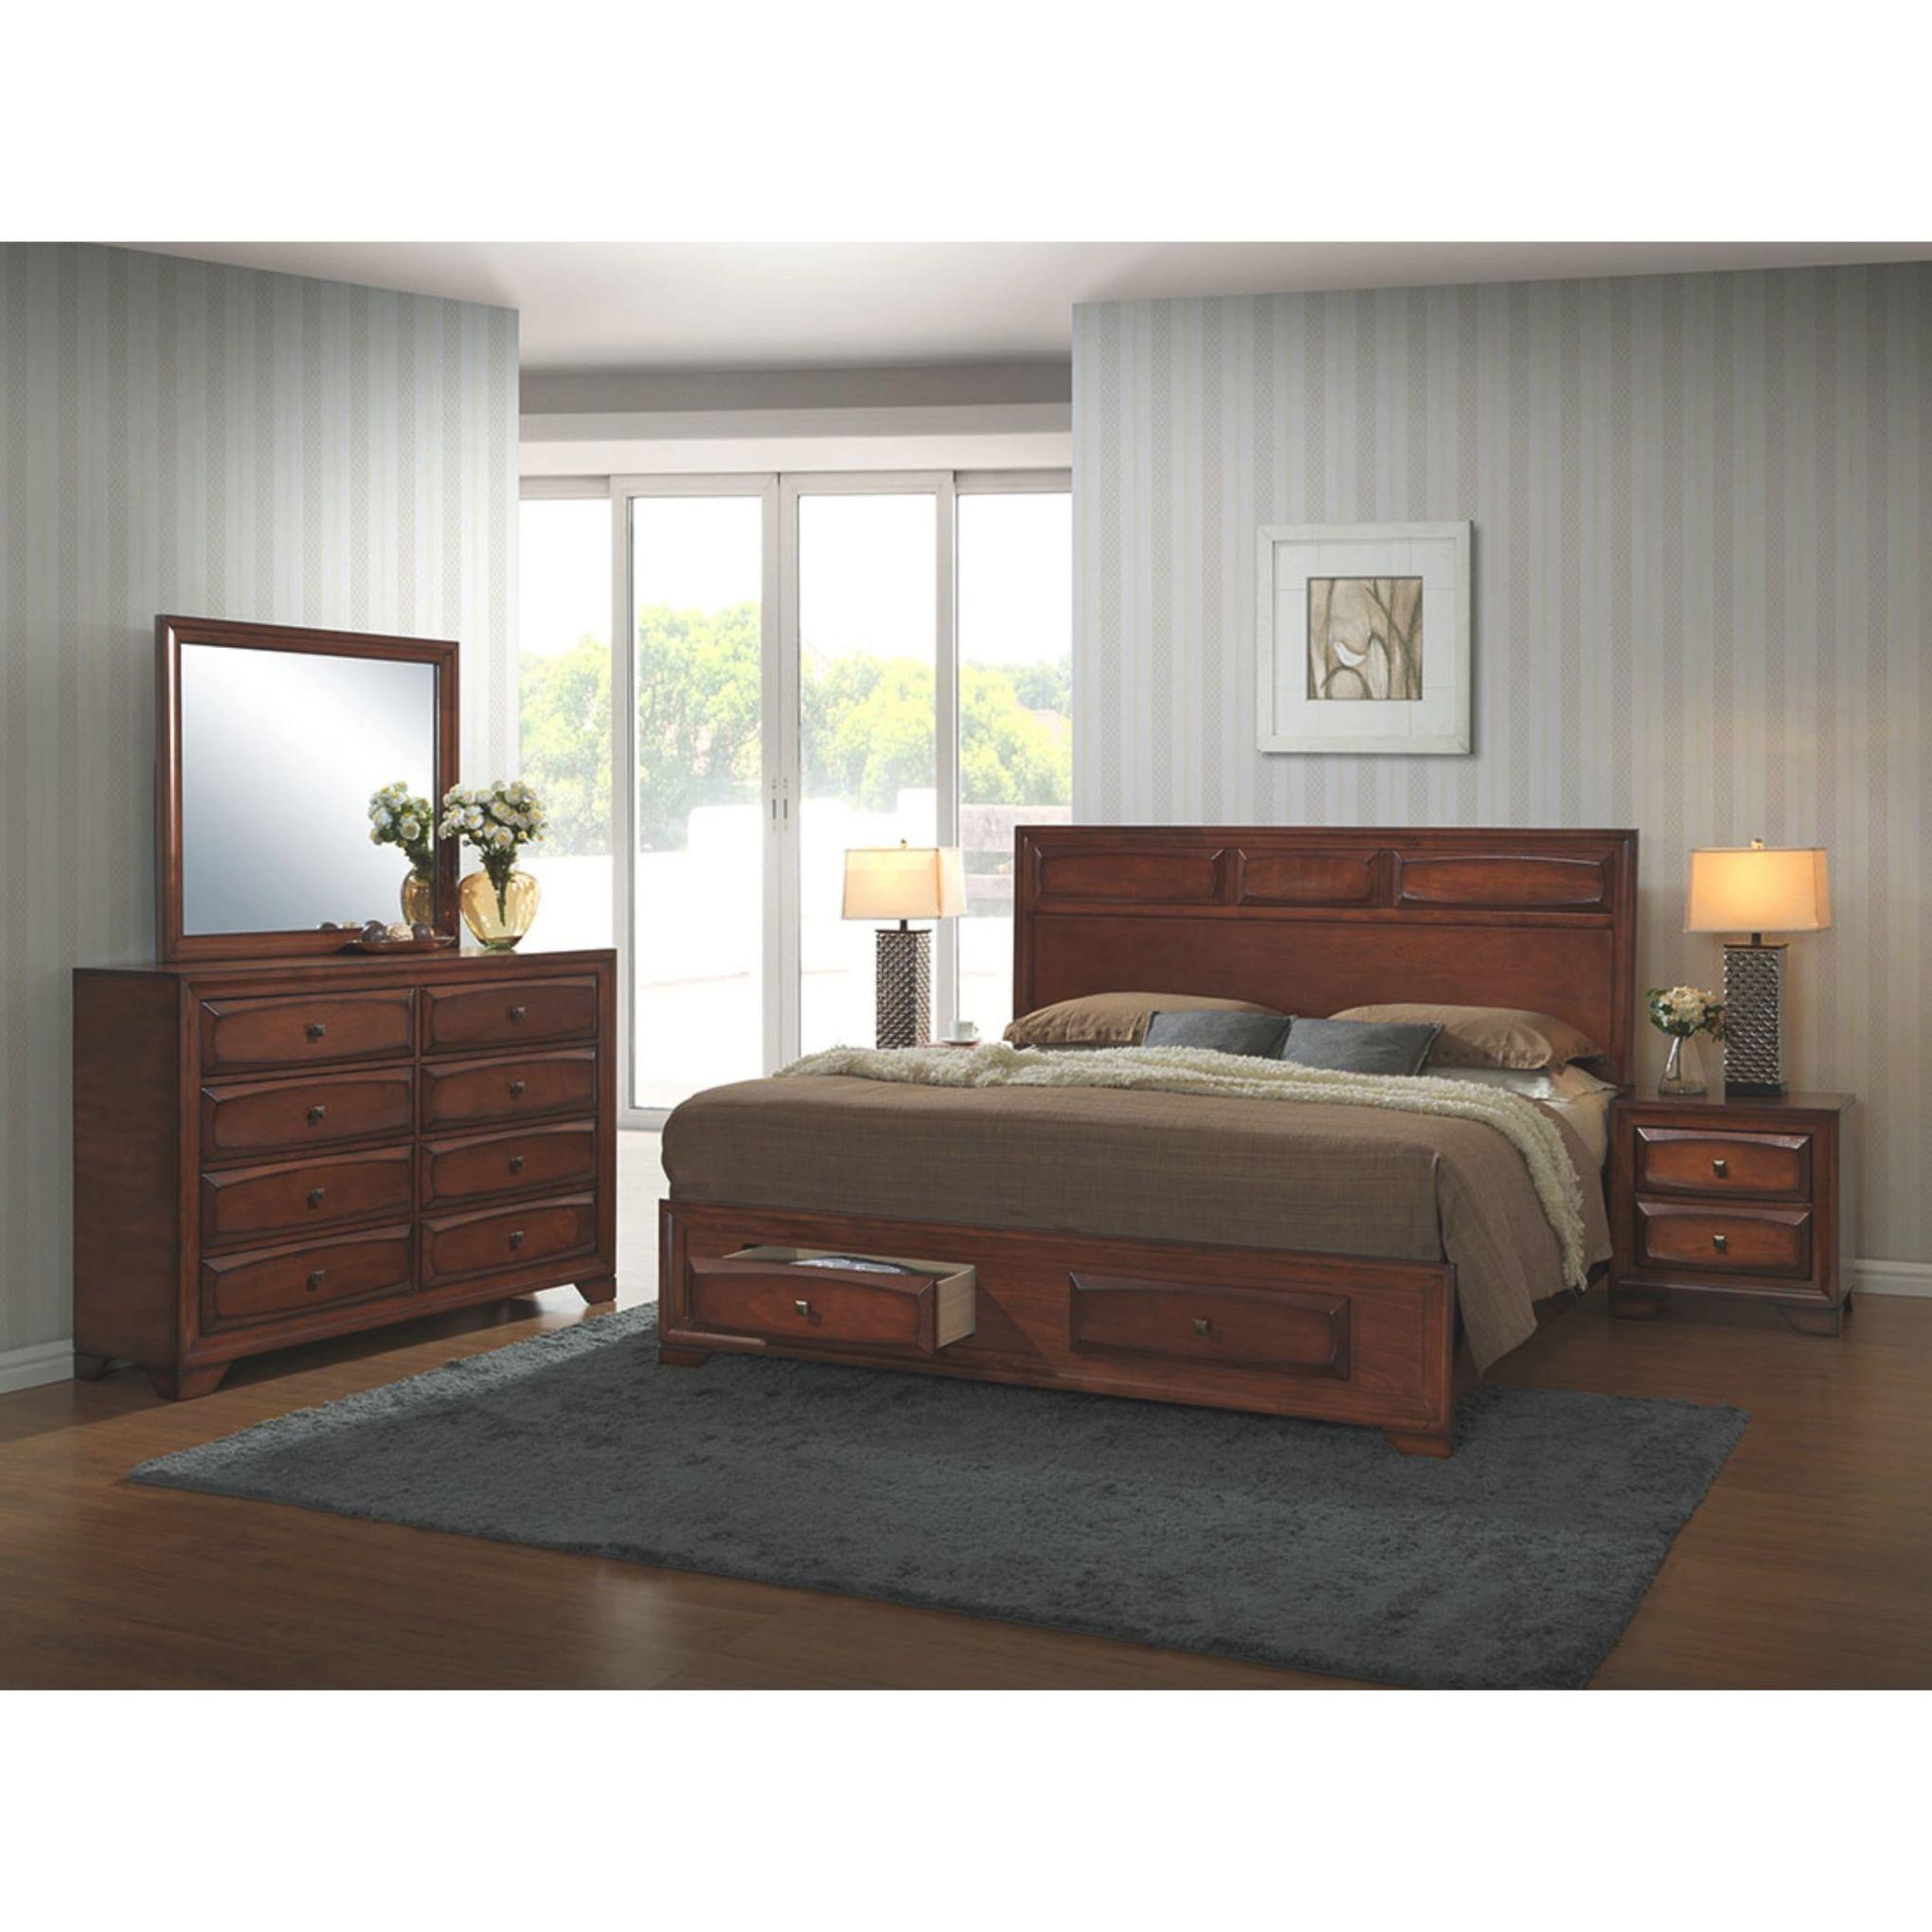 Oakland 139 Antique Oak Wood Queen-Size 5-Piece Bedroom Set with Beautiful Bedroom Set Queen